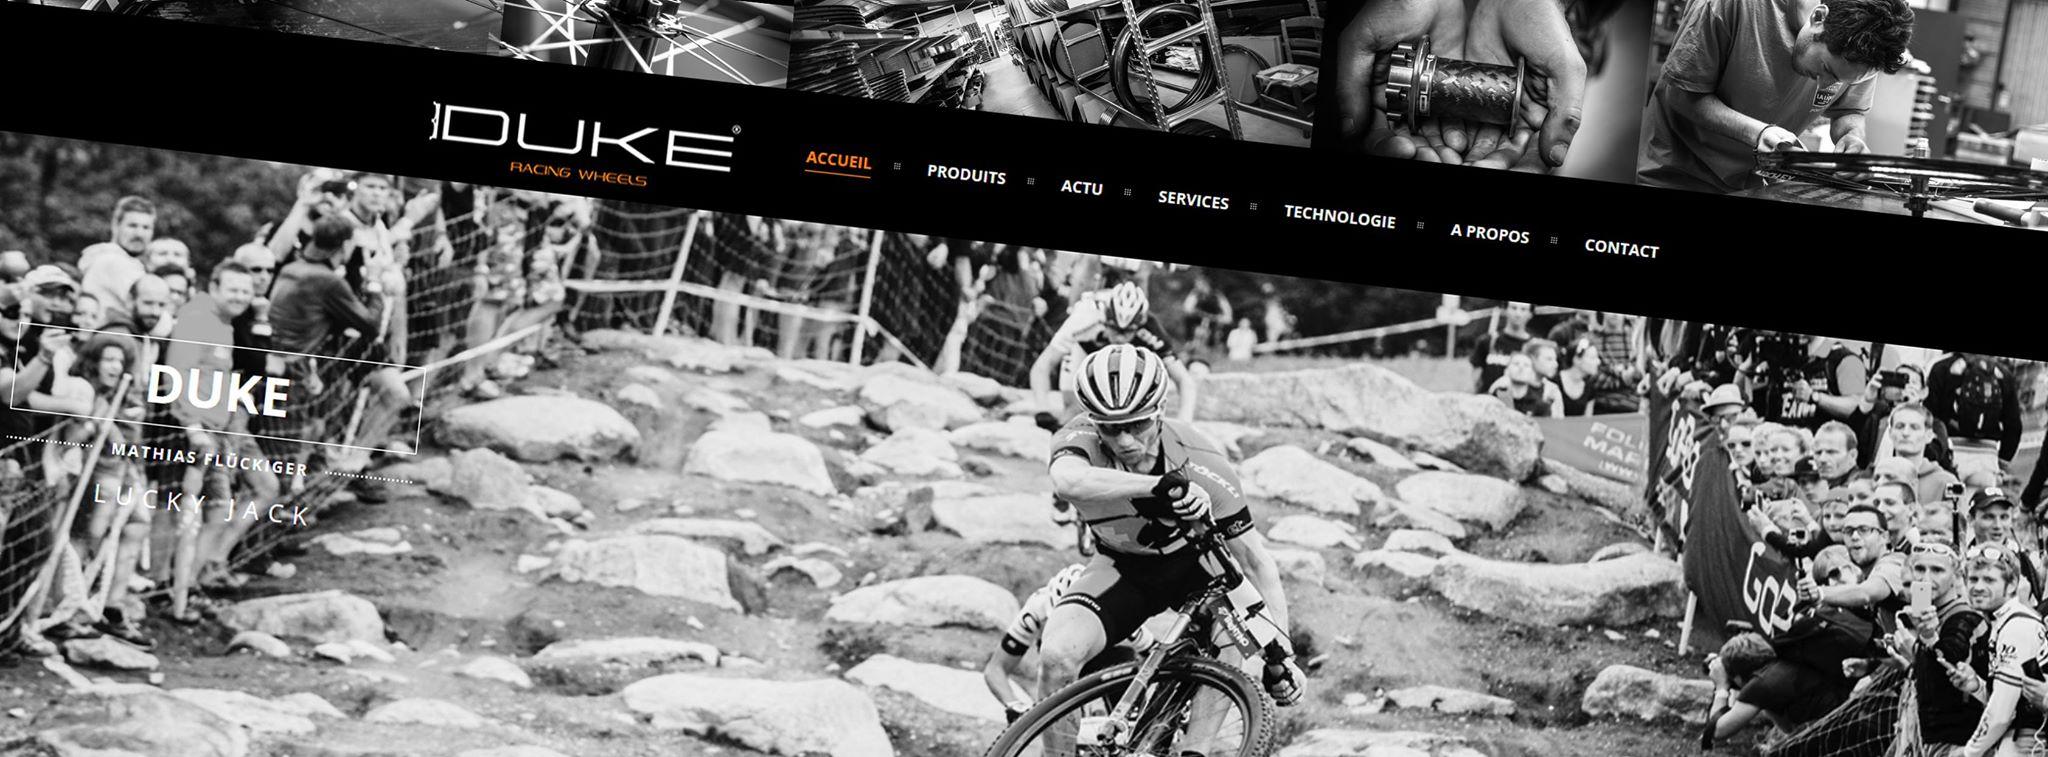 Nouveau site web DUKE !